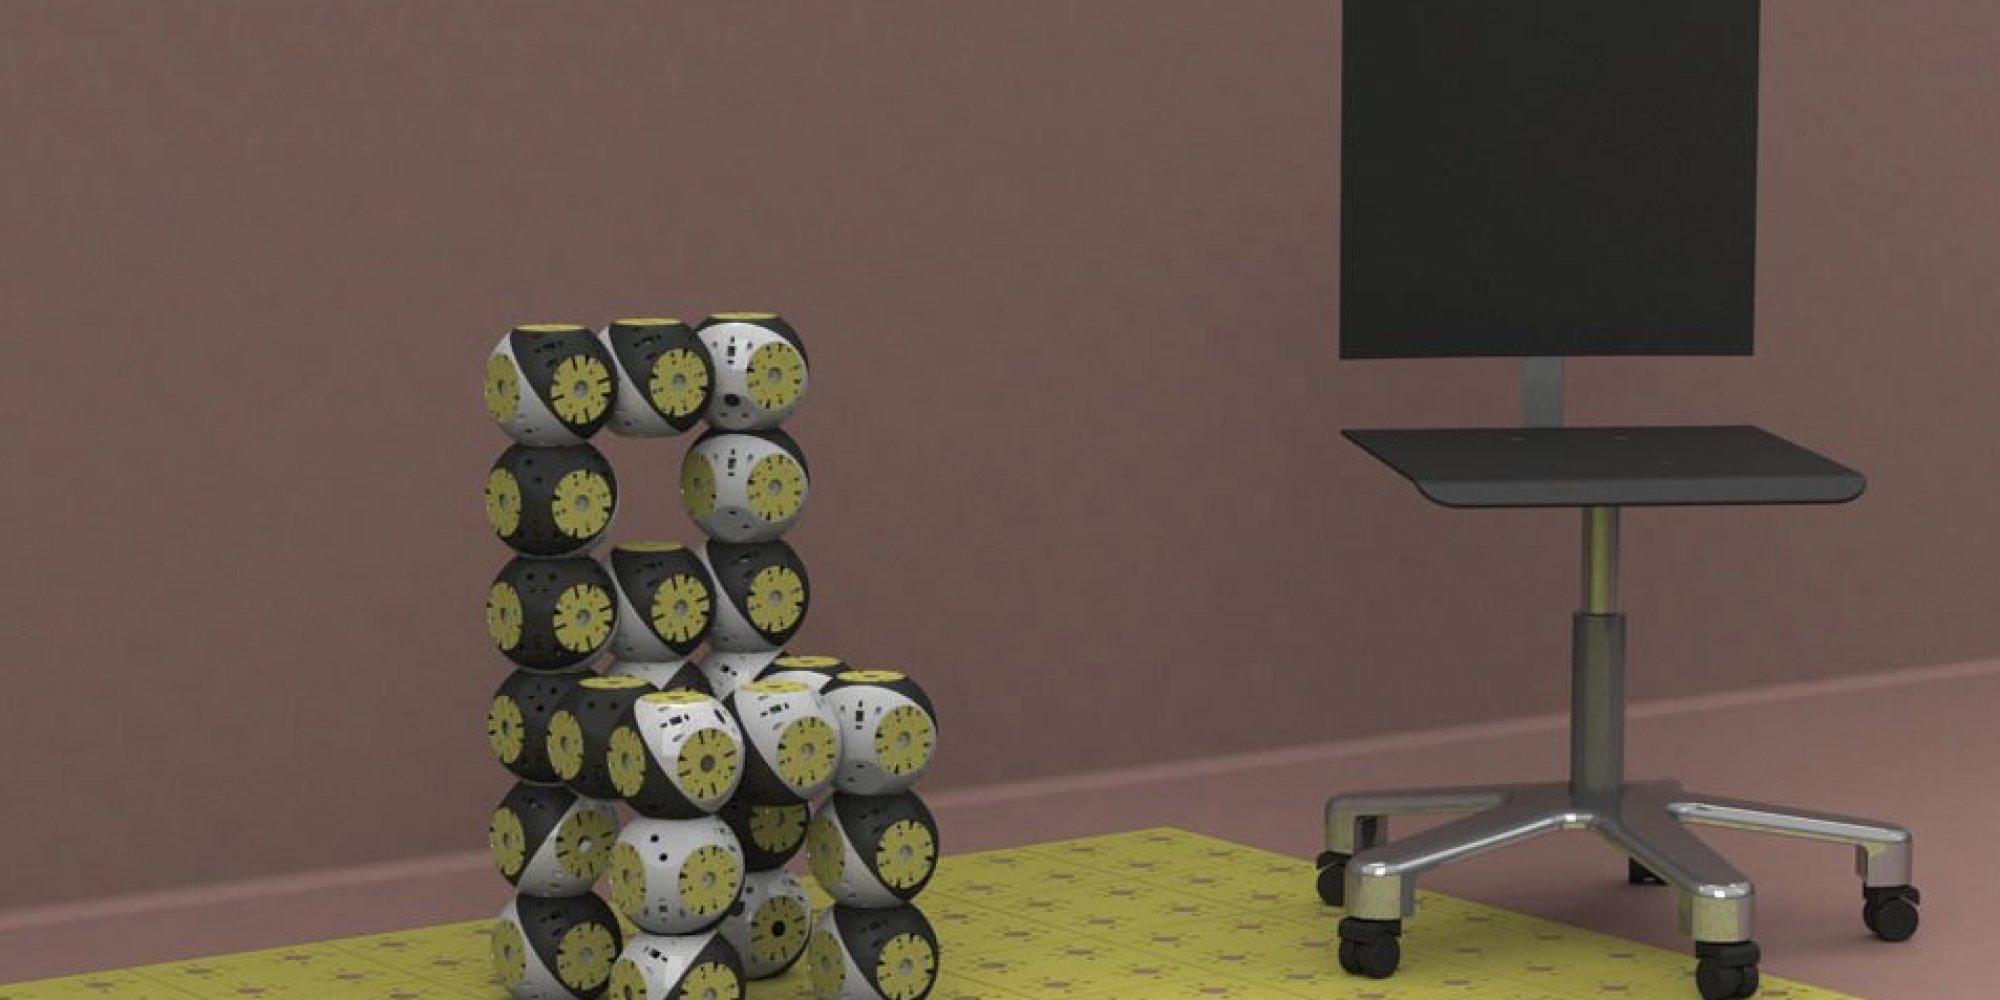 Le roombot un robot qui se transforme en meuble for Meuble qui se transforme